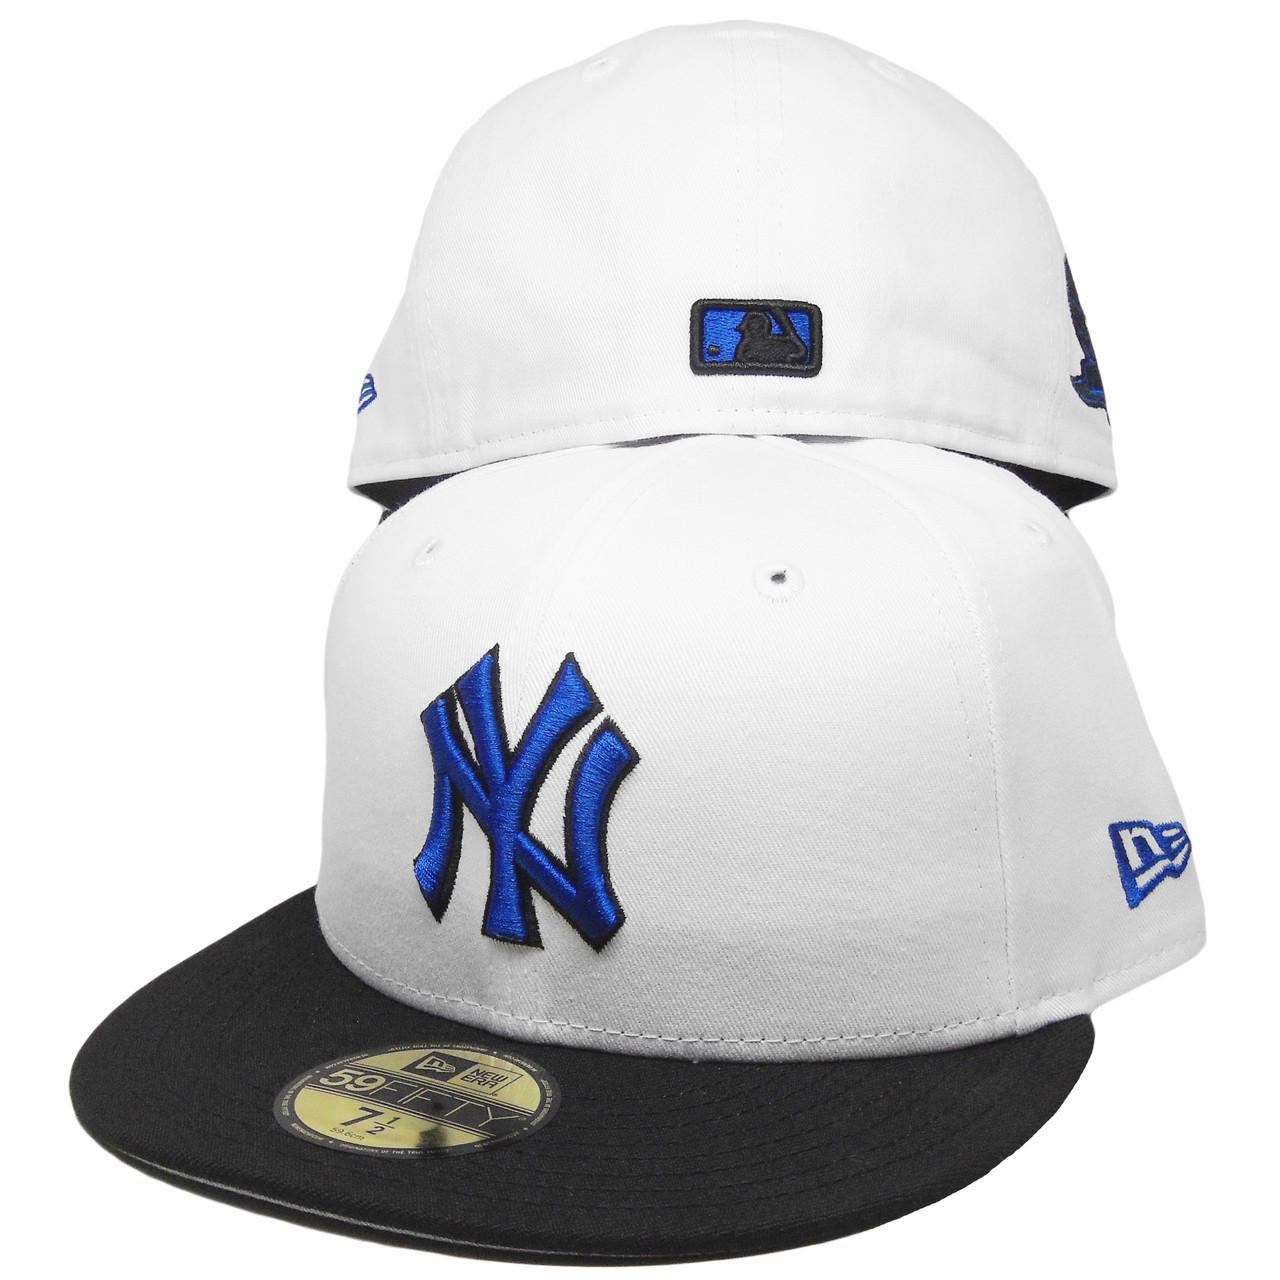 dc4fa59f91b8d New York Yankees New Era Custom 59Fifty Fitted - White